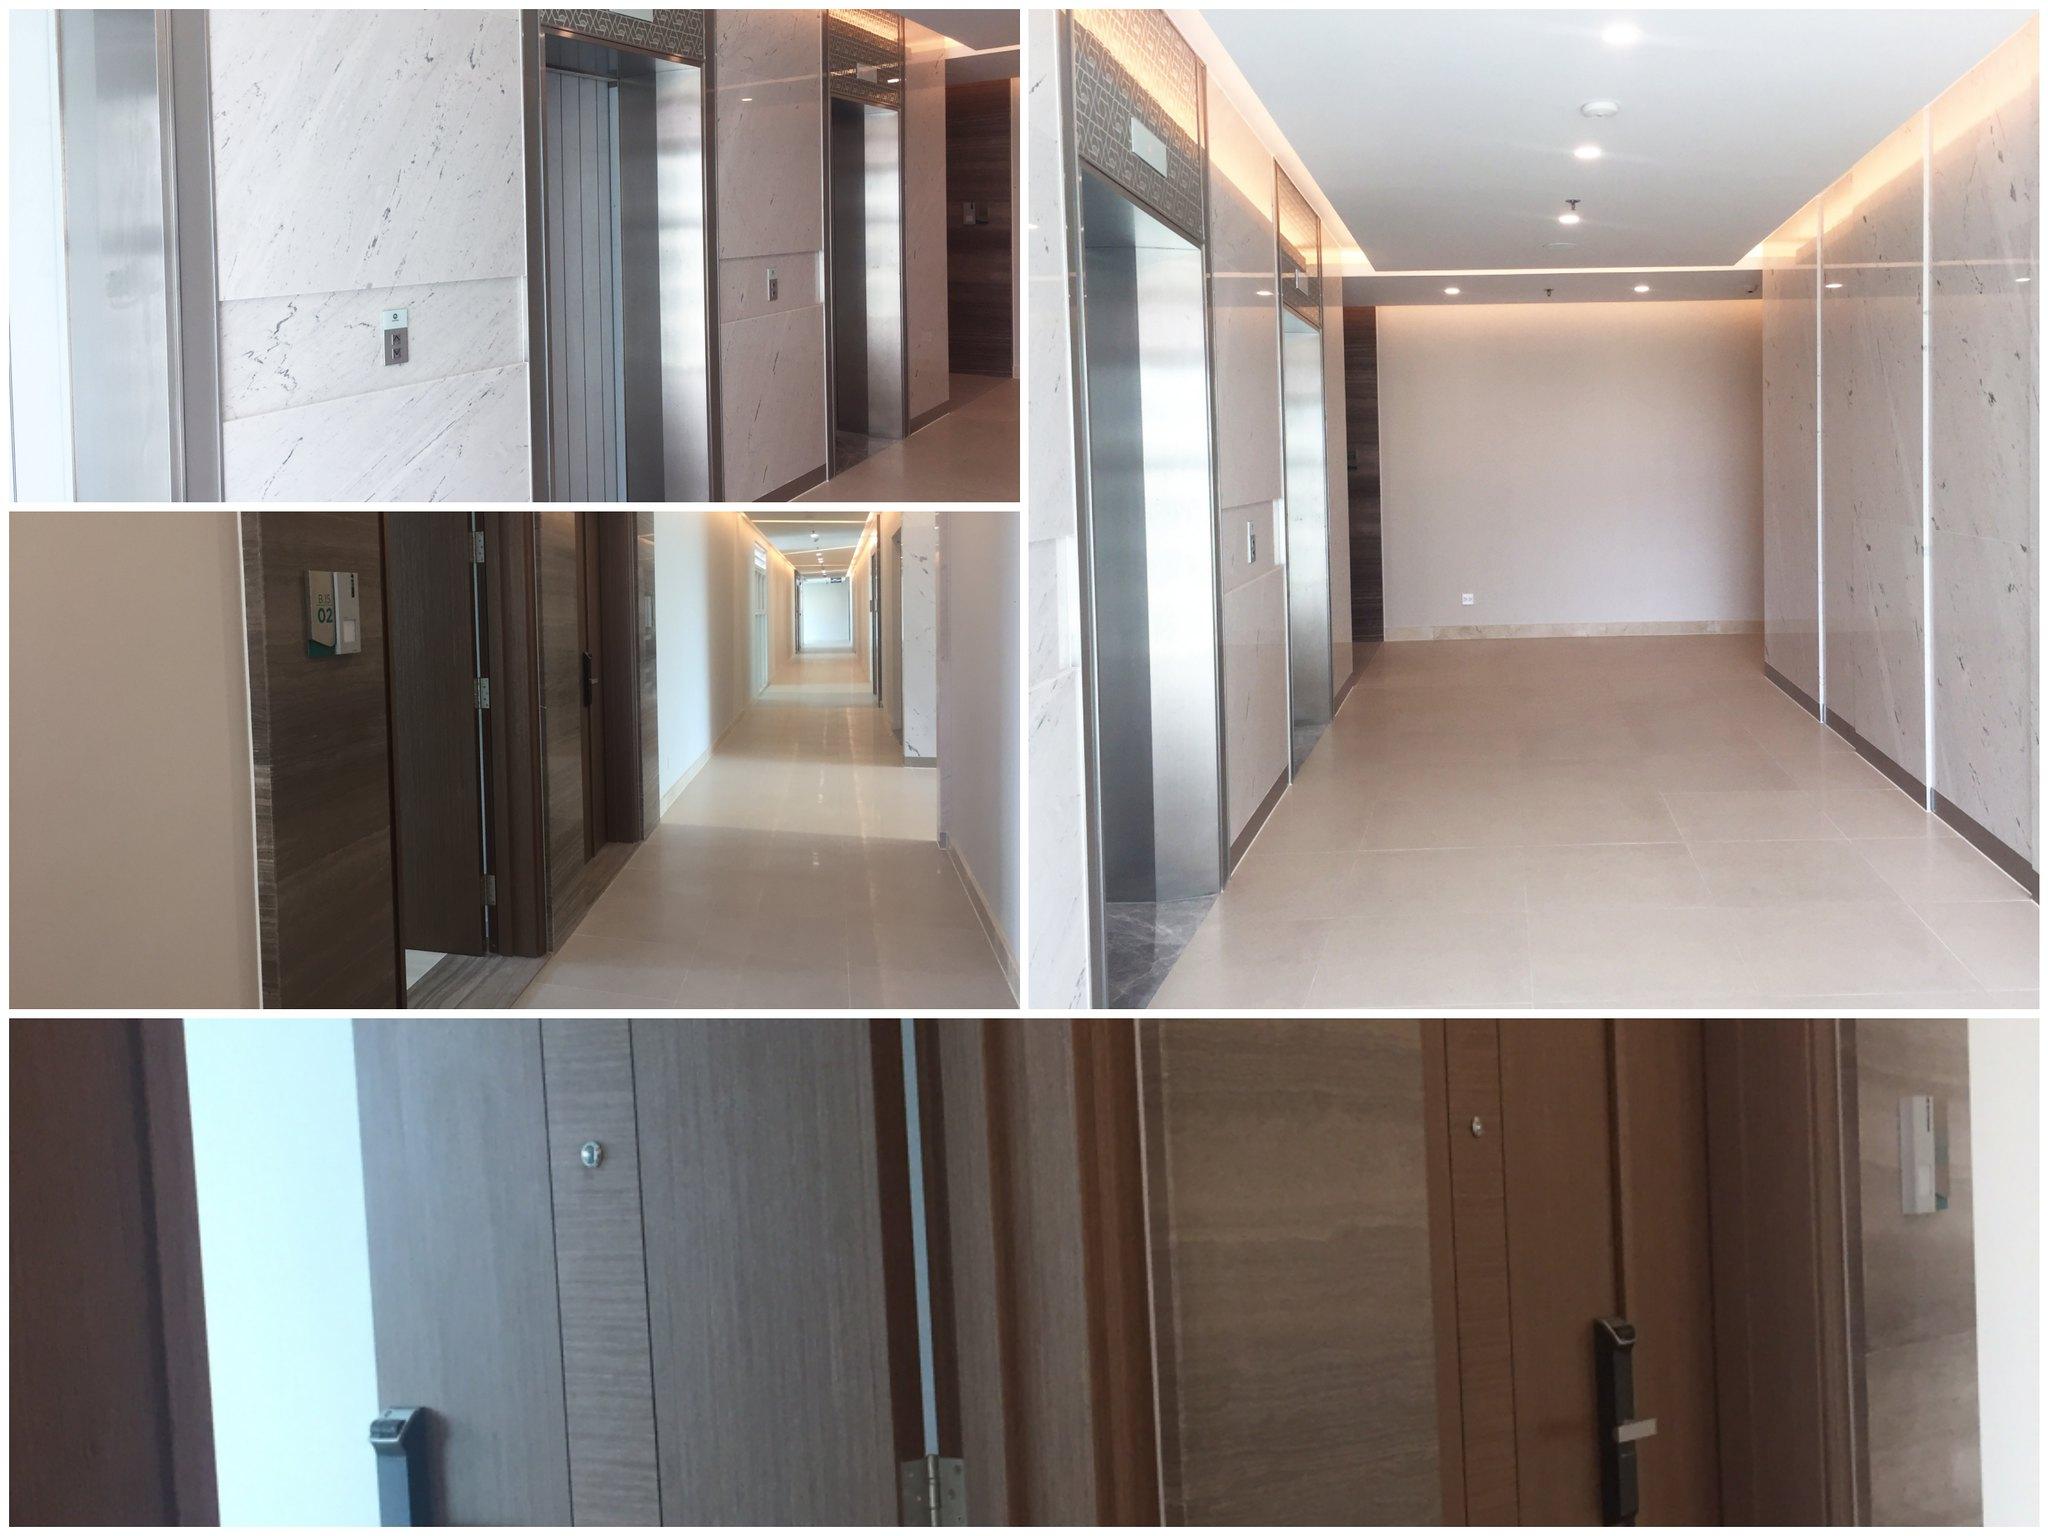 Khu vực sảnh thang máy, hành lang căn hộ được thiết kế sang trọng và rộng rãi